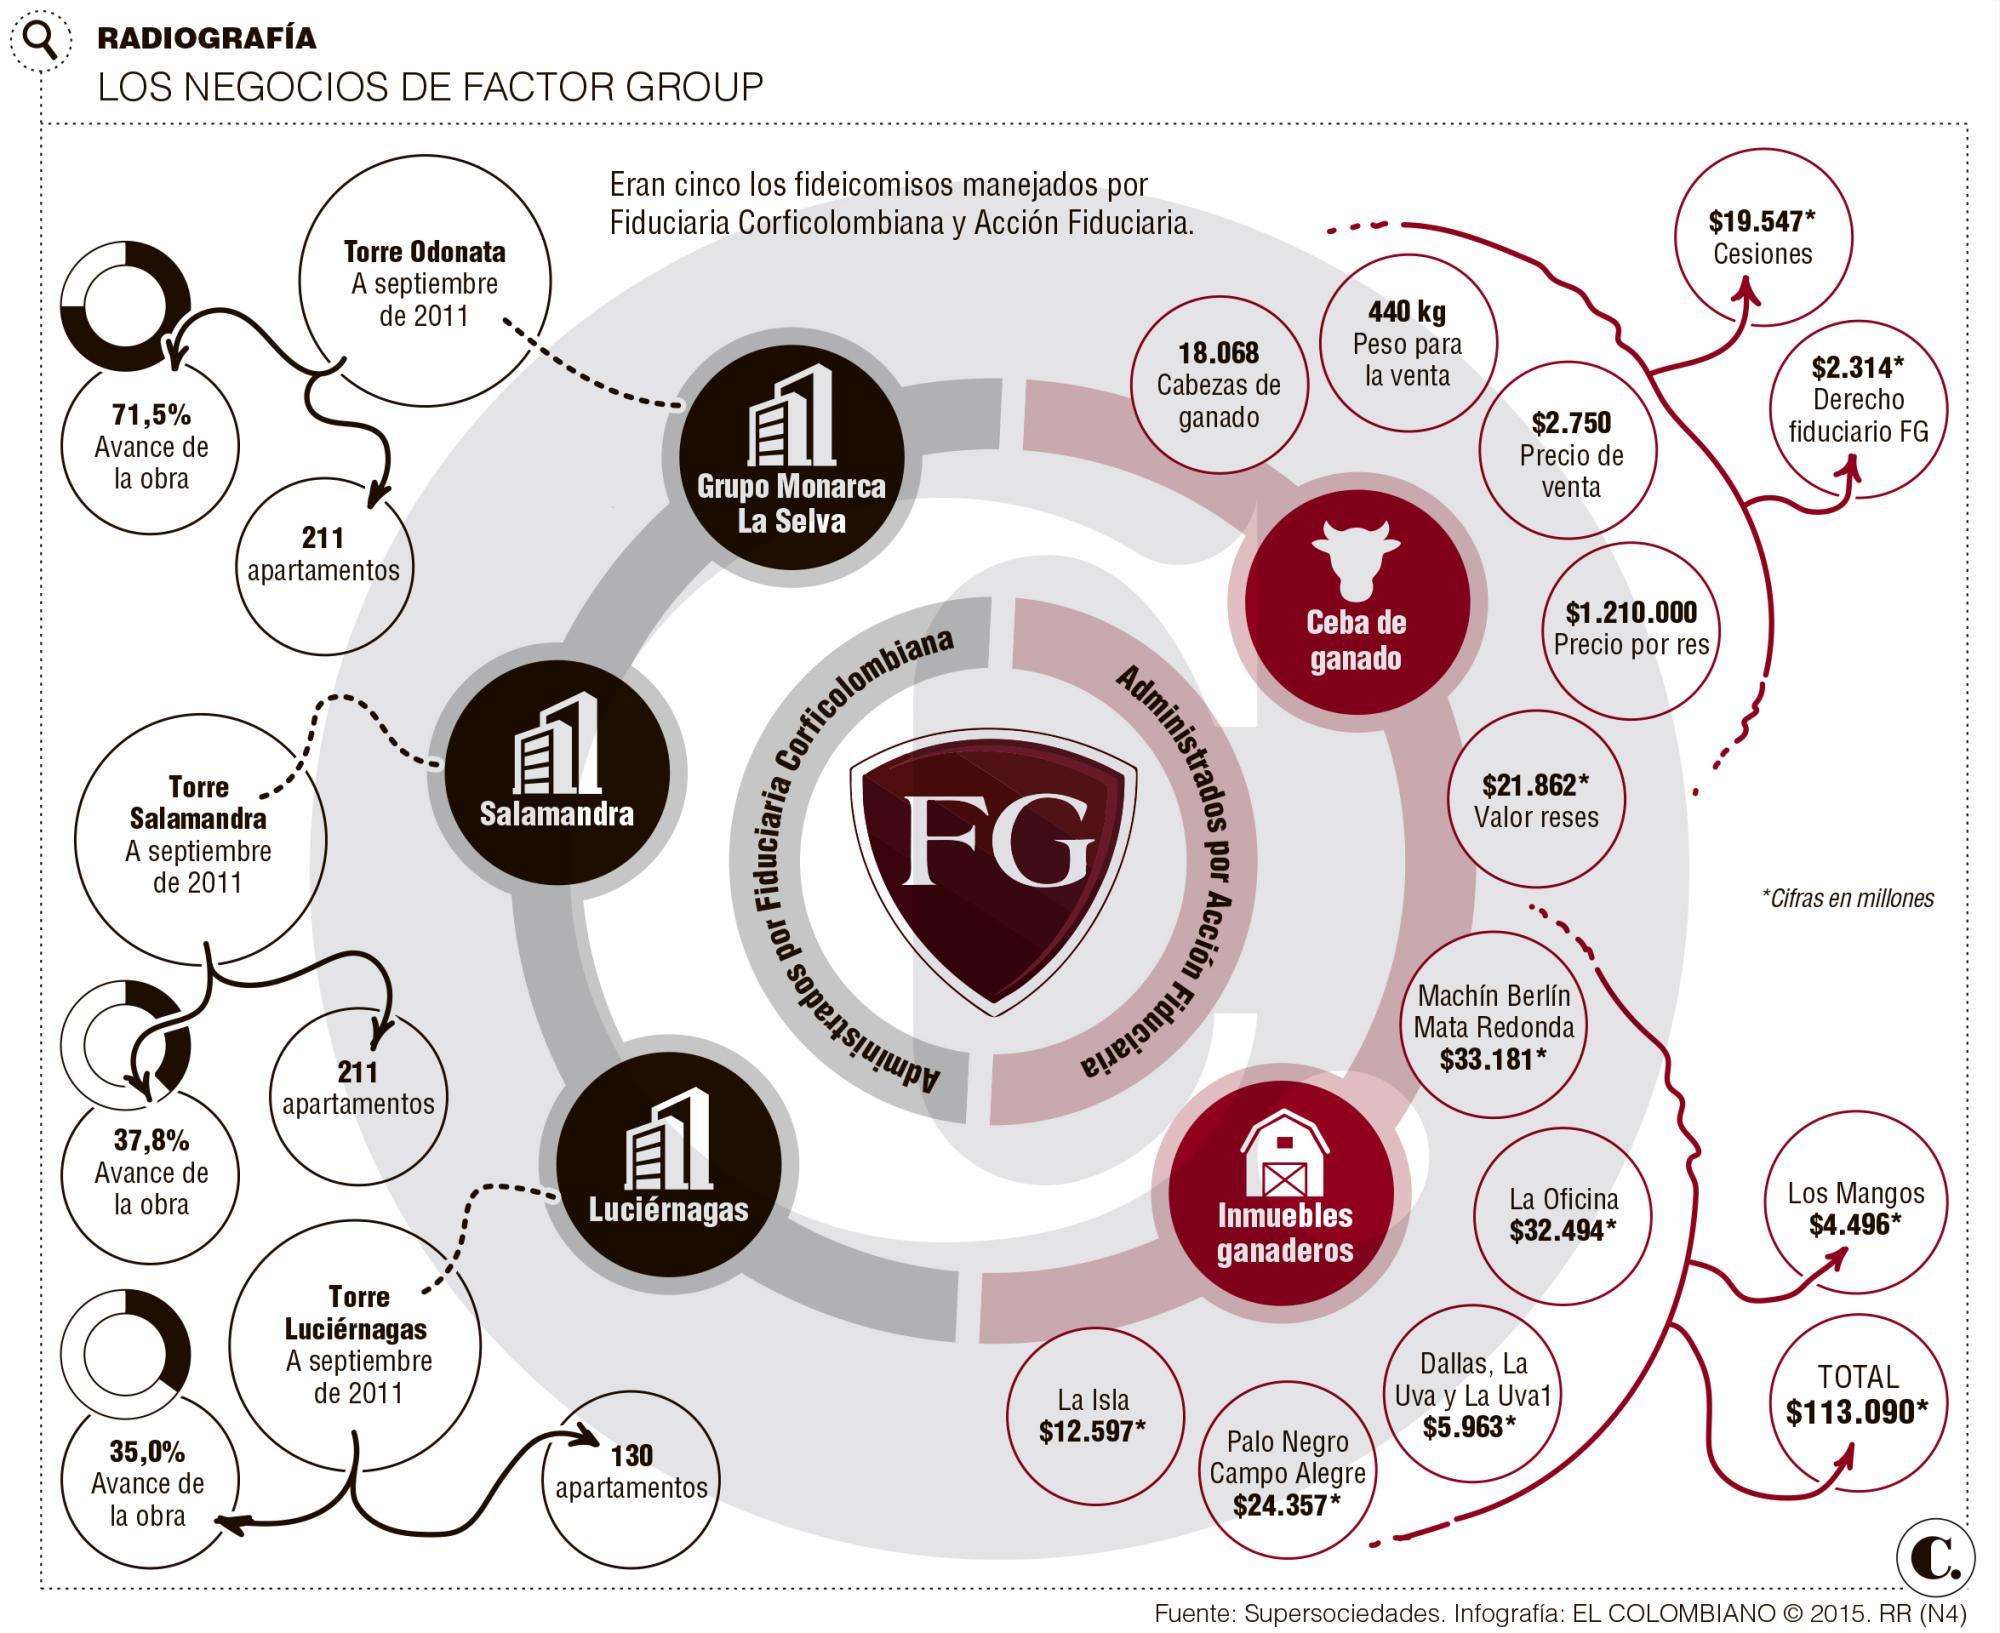 Descalabro Factor Group